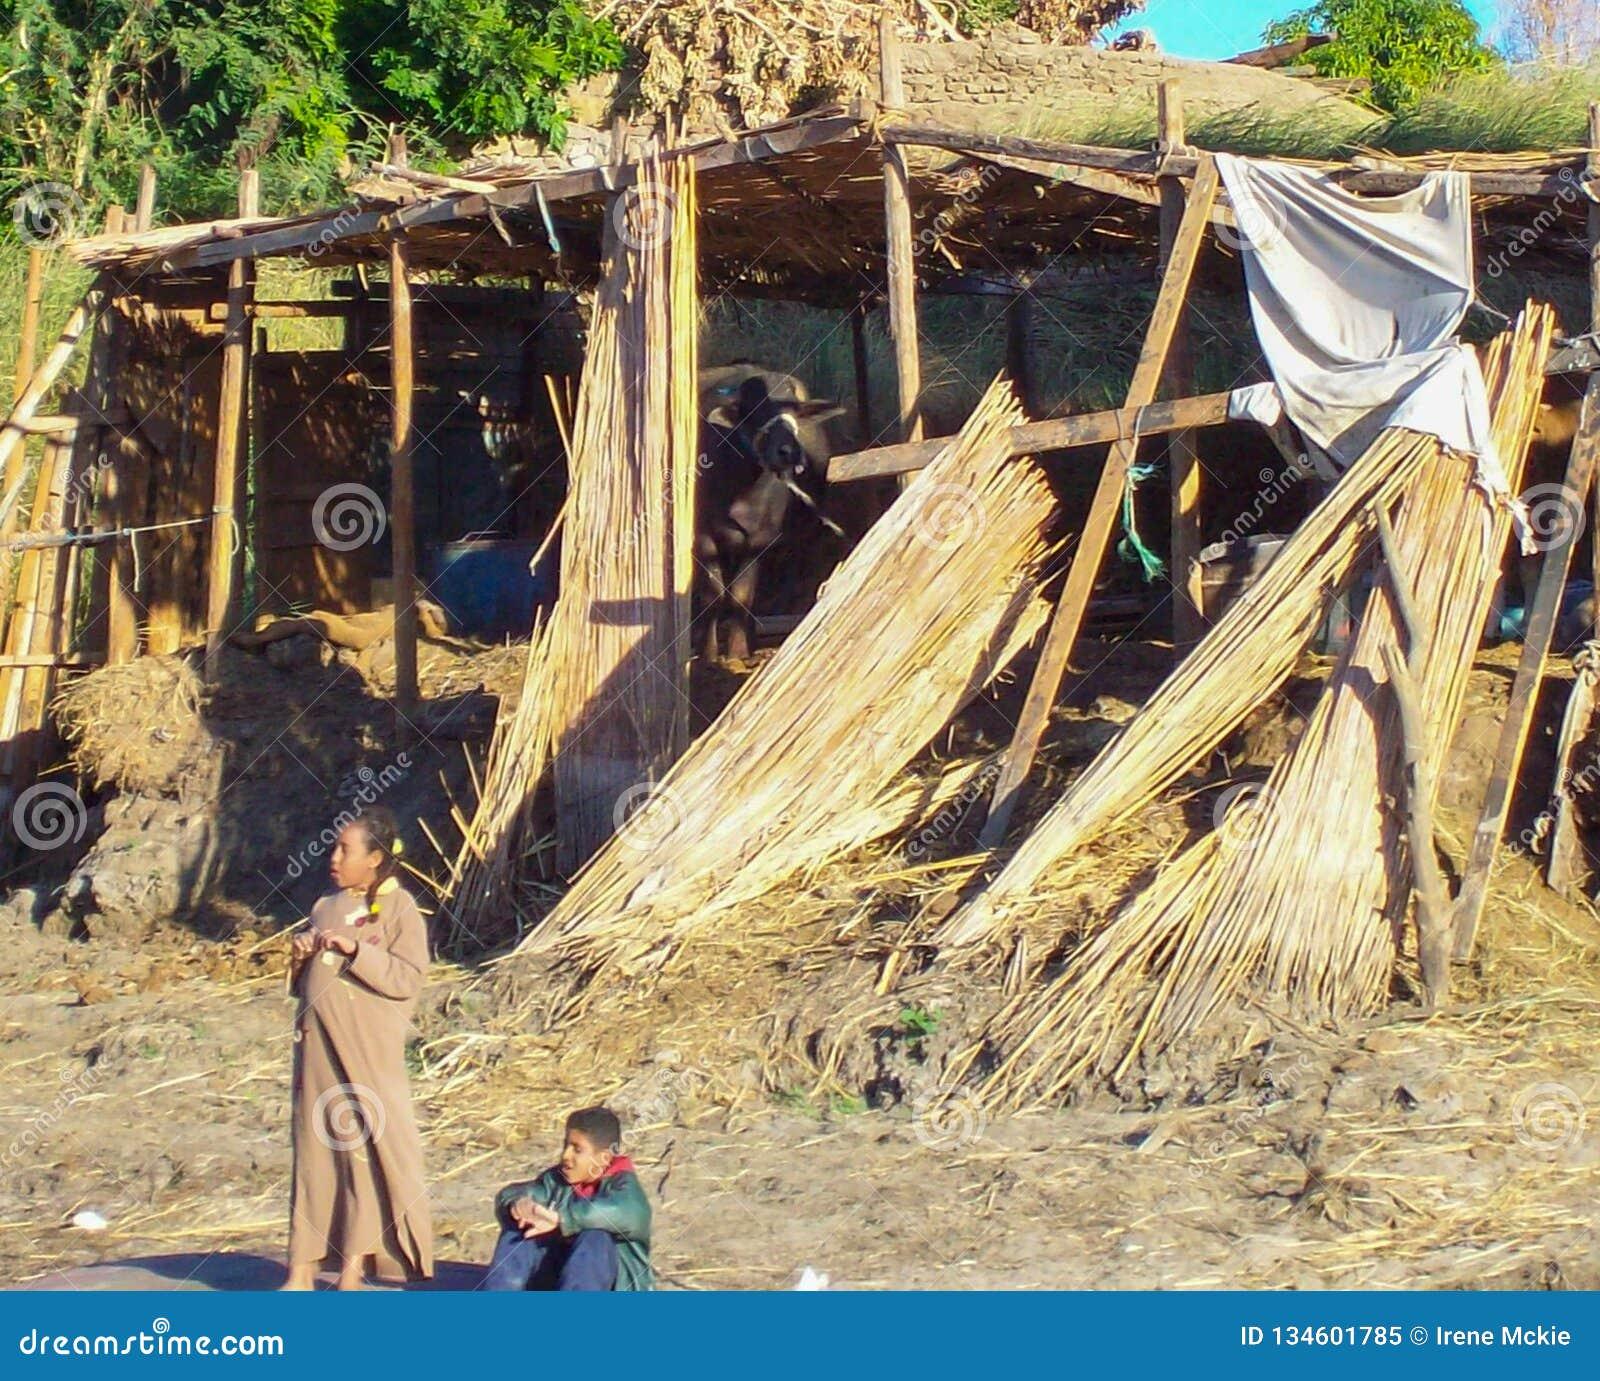 Egito, Nilo, estábulo egípcio, com rebanhos animais duas precipitações do papiro das crianças, crianças no egípcio nativo de cos